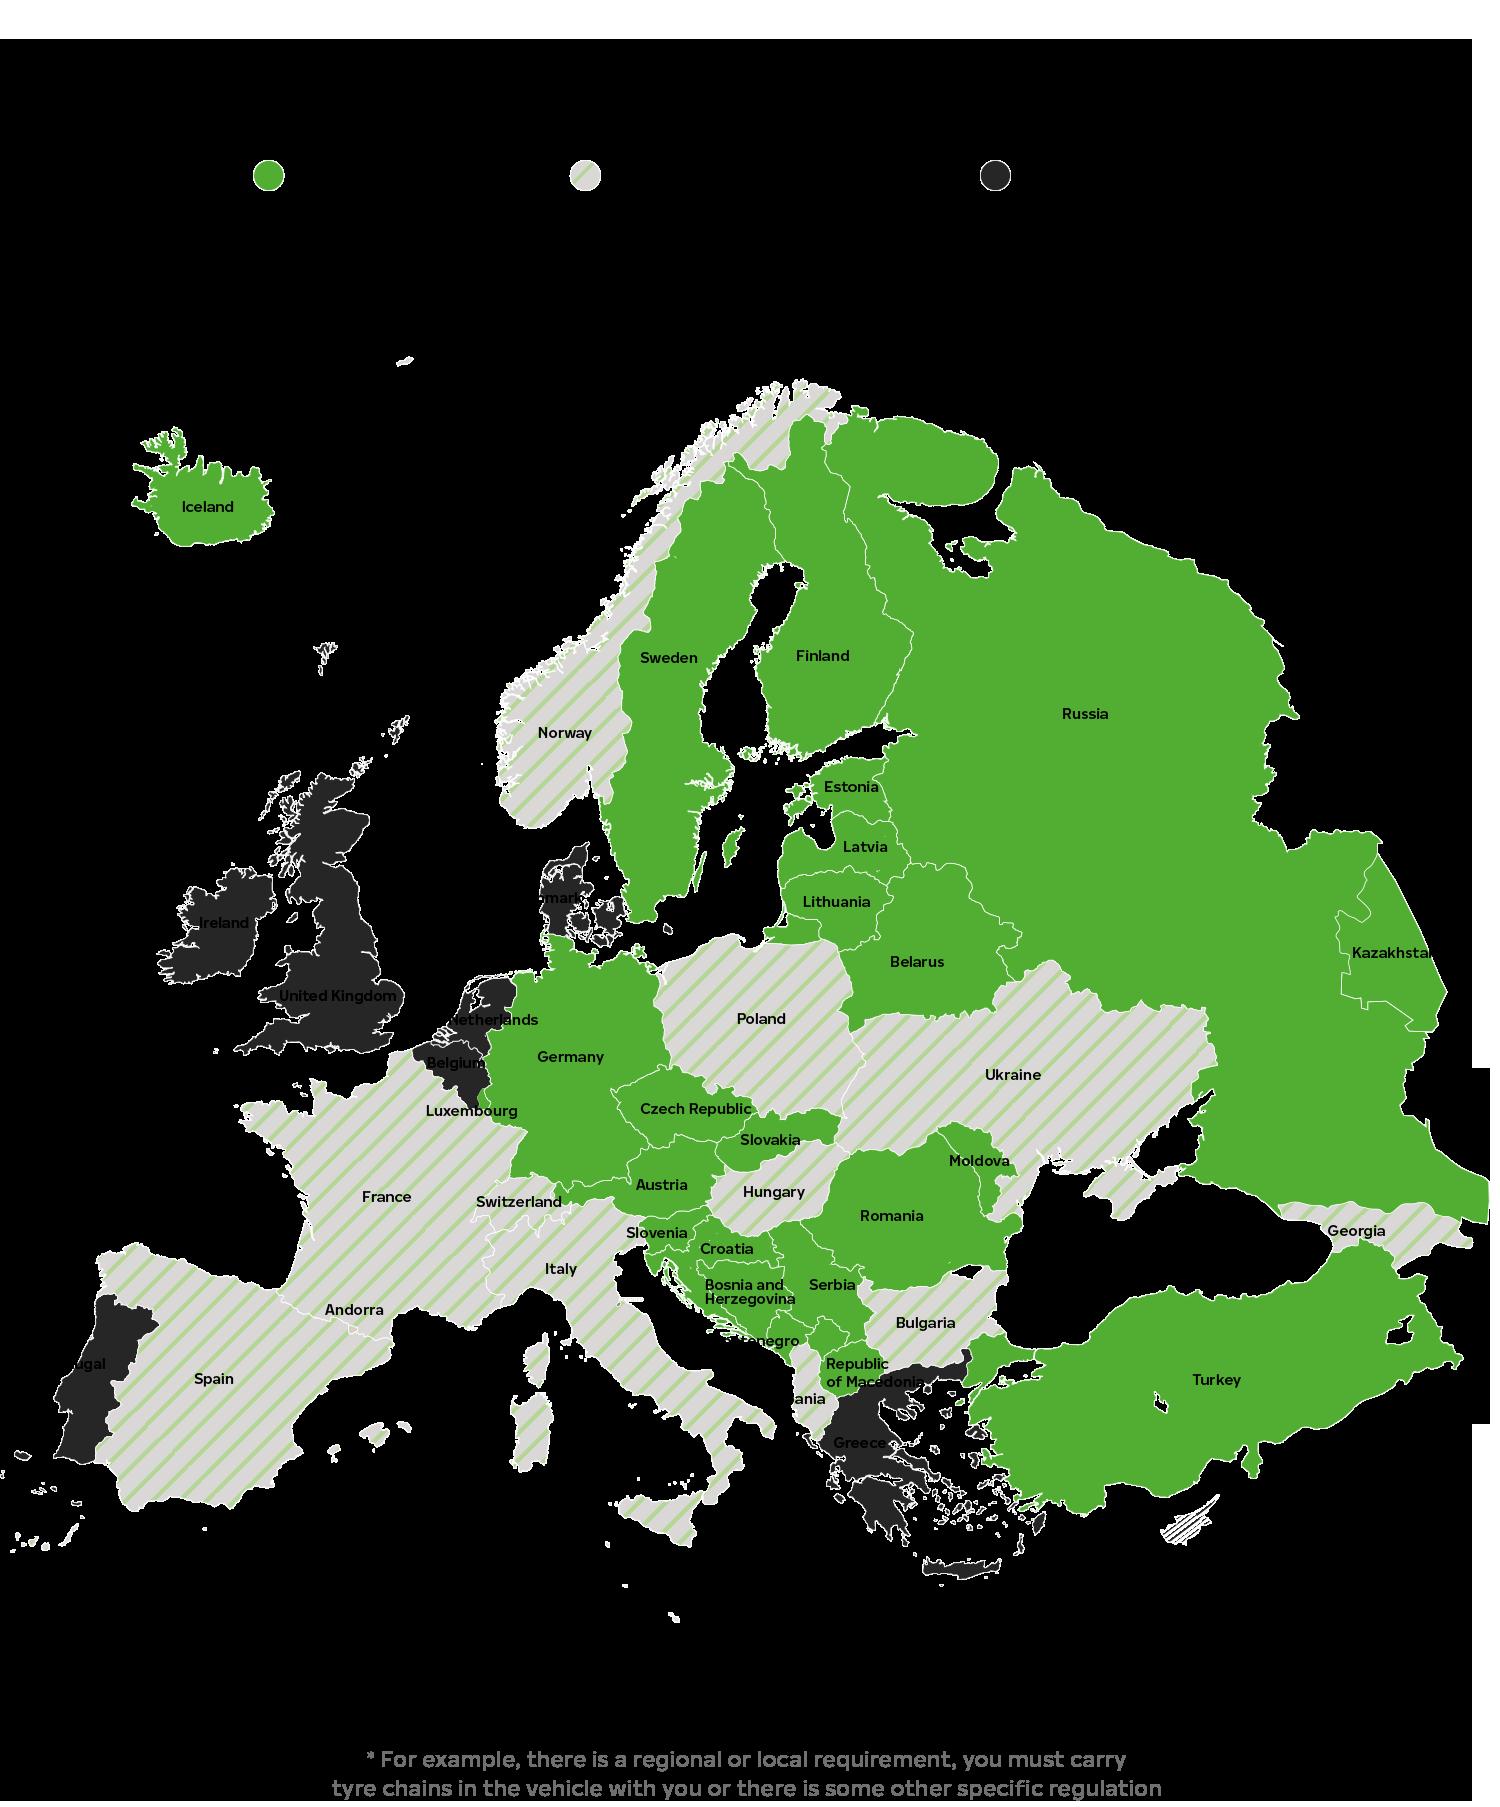 Przepisy dotyczące stosowania opon zimowych w Europie